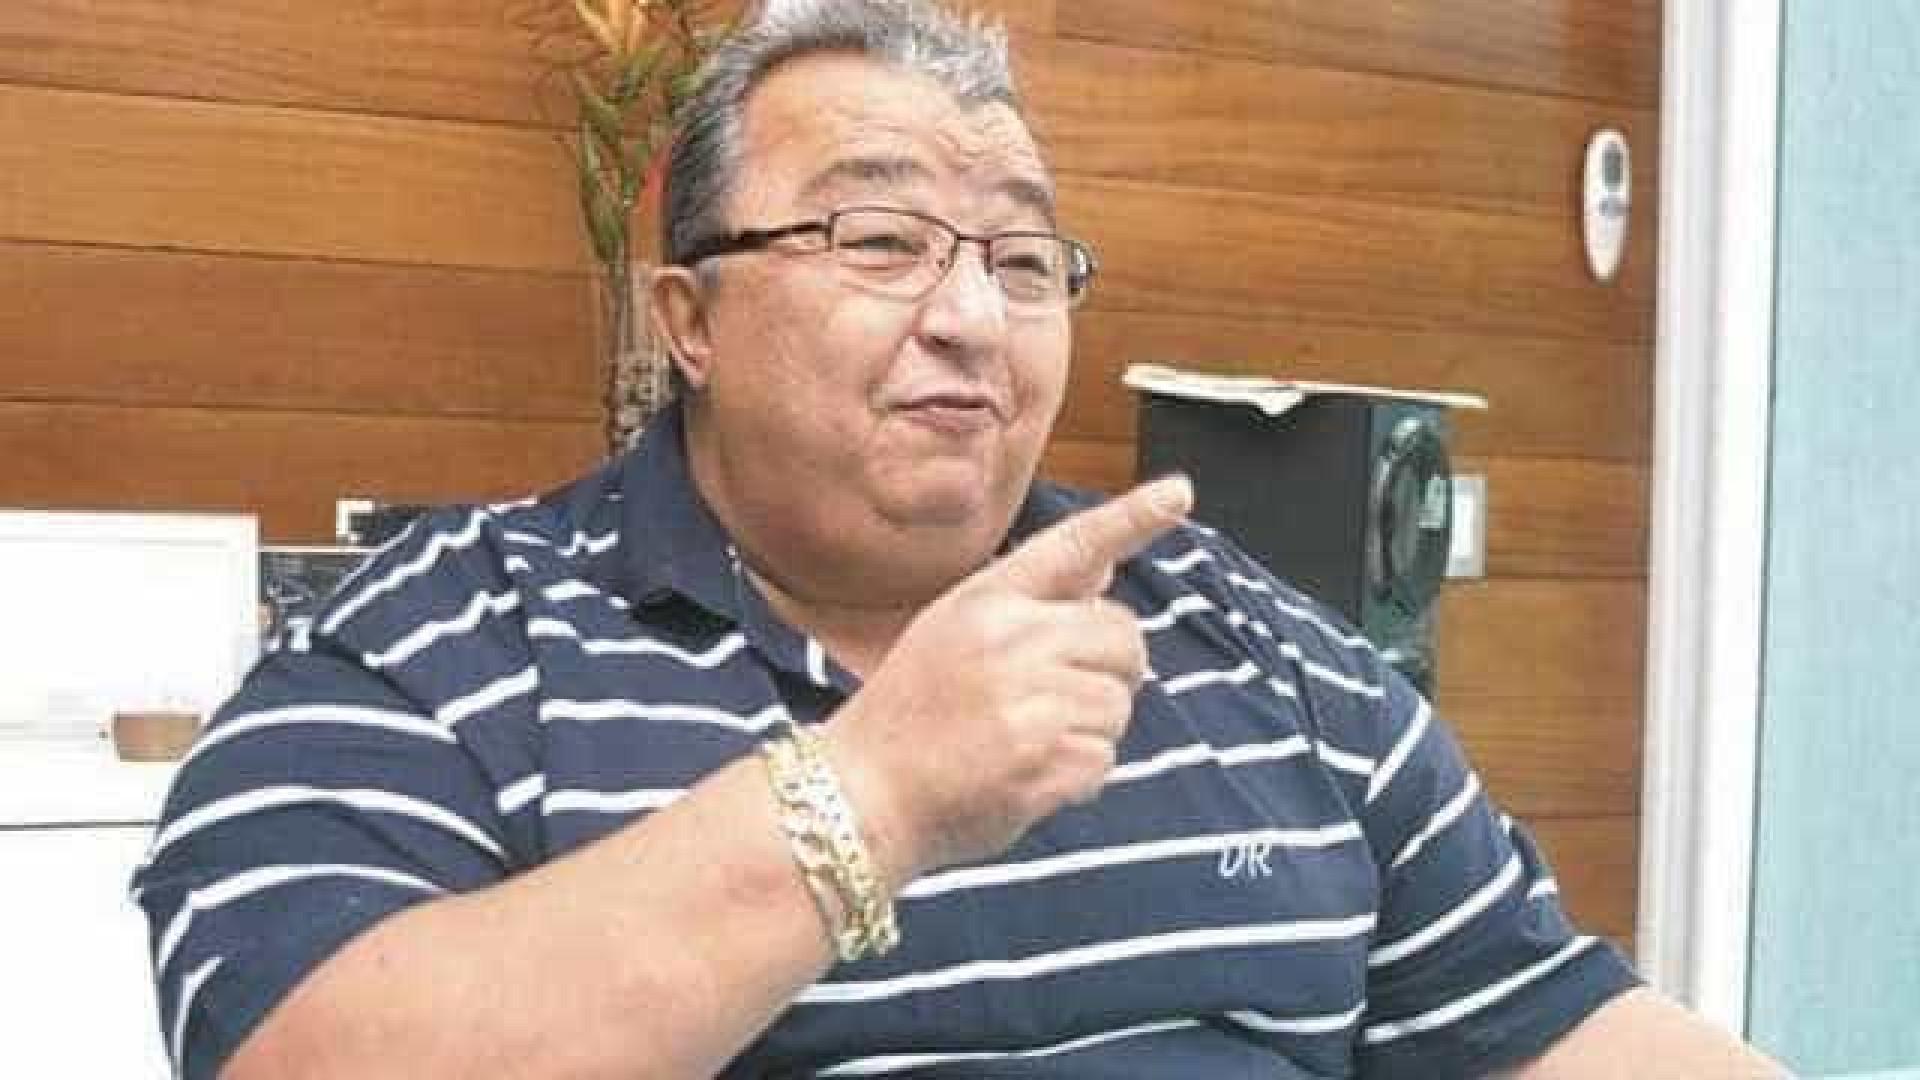 Polícia quer saber se 'Gordo' teve participação em desvio de jornais